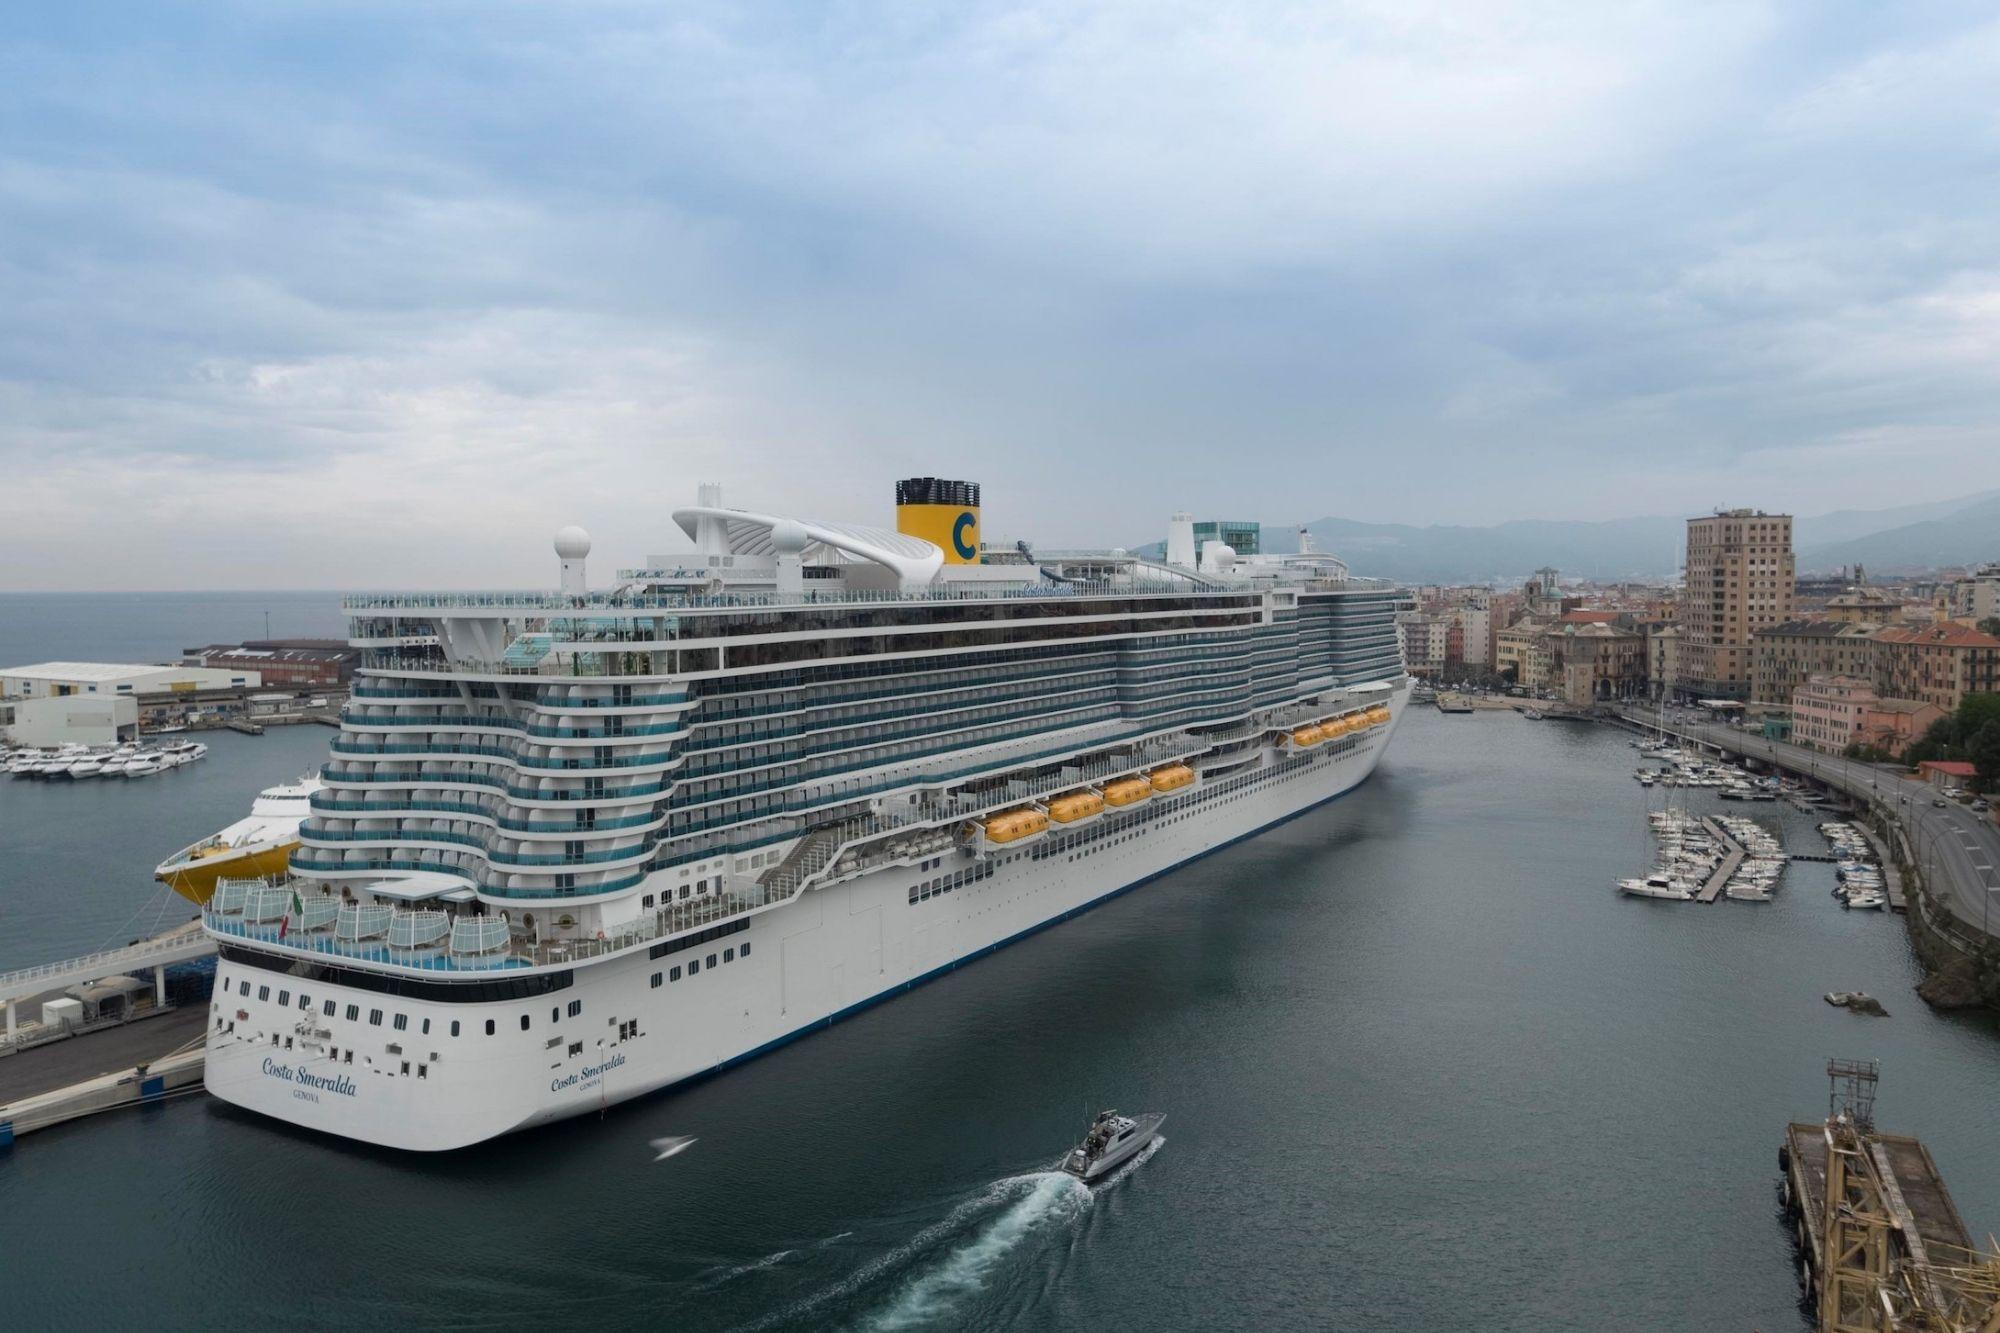 Costa Smeralda seit Samstag wieder im Mittelmeer unterwegs